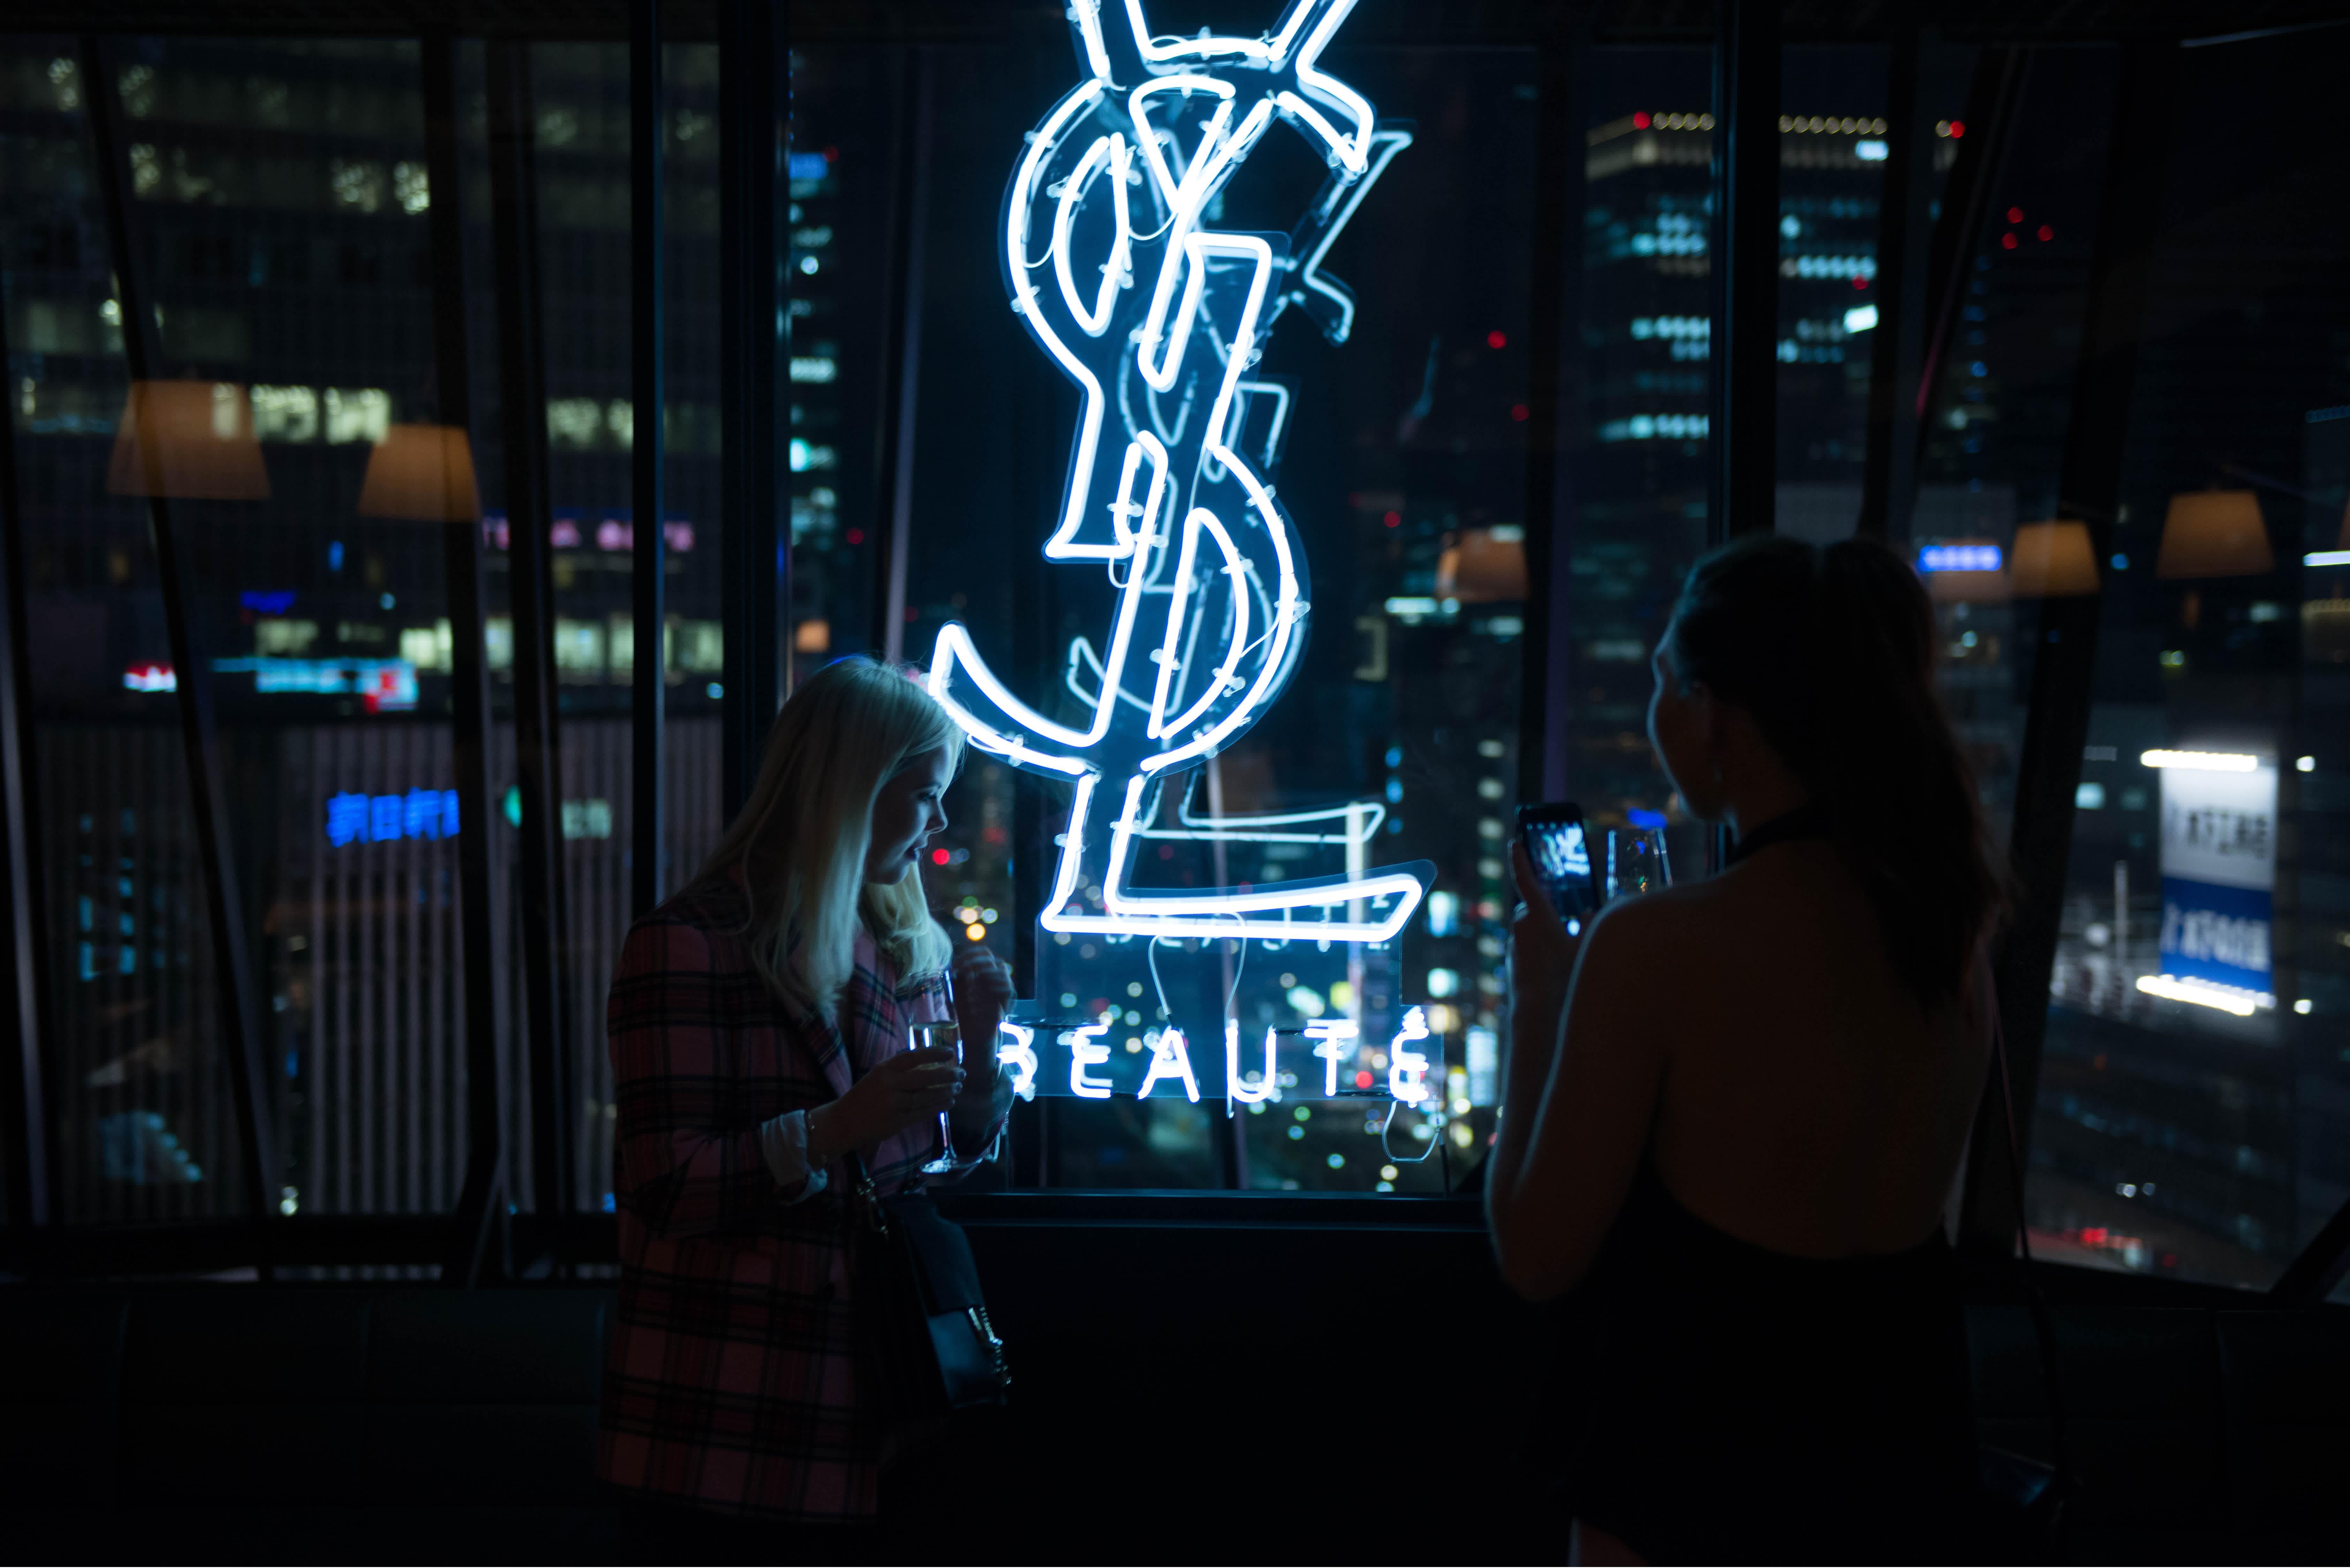 sato-creative-paris-tokyo-Yves Saint Laurent beauty- YSL - tokyo trip influencer - content - brand content - production